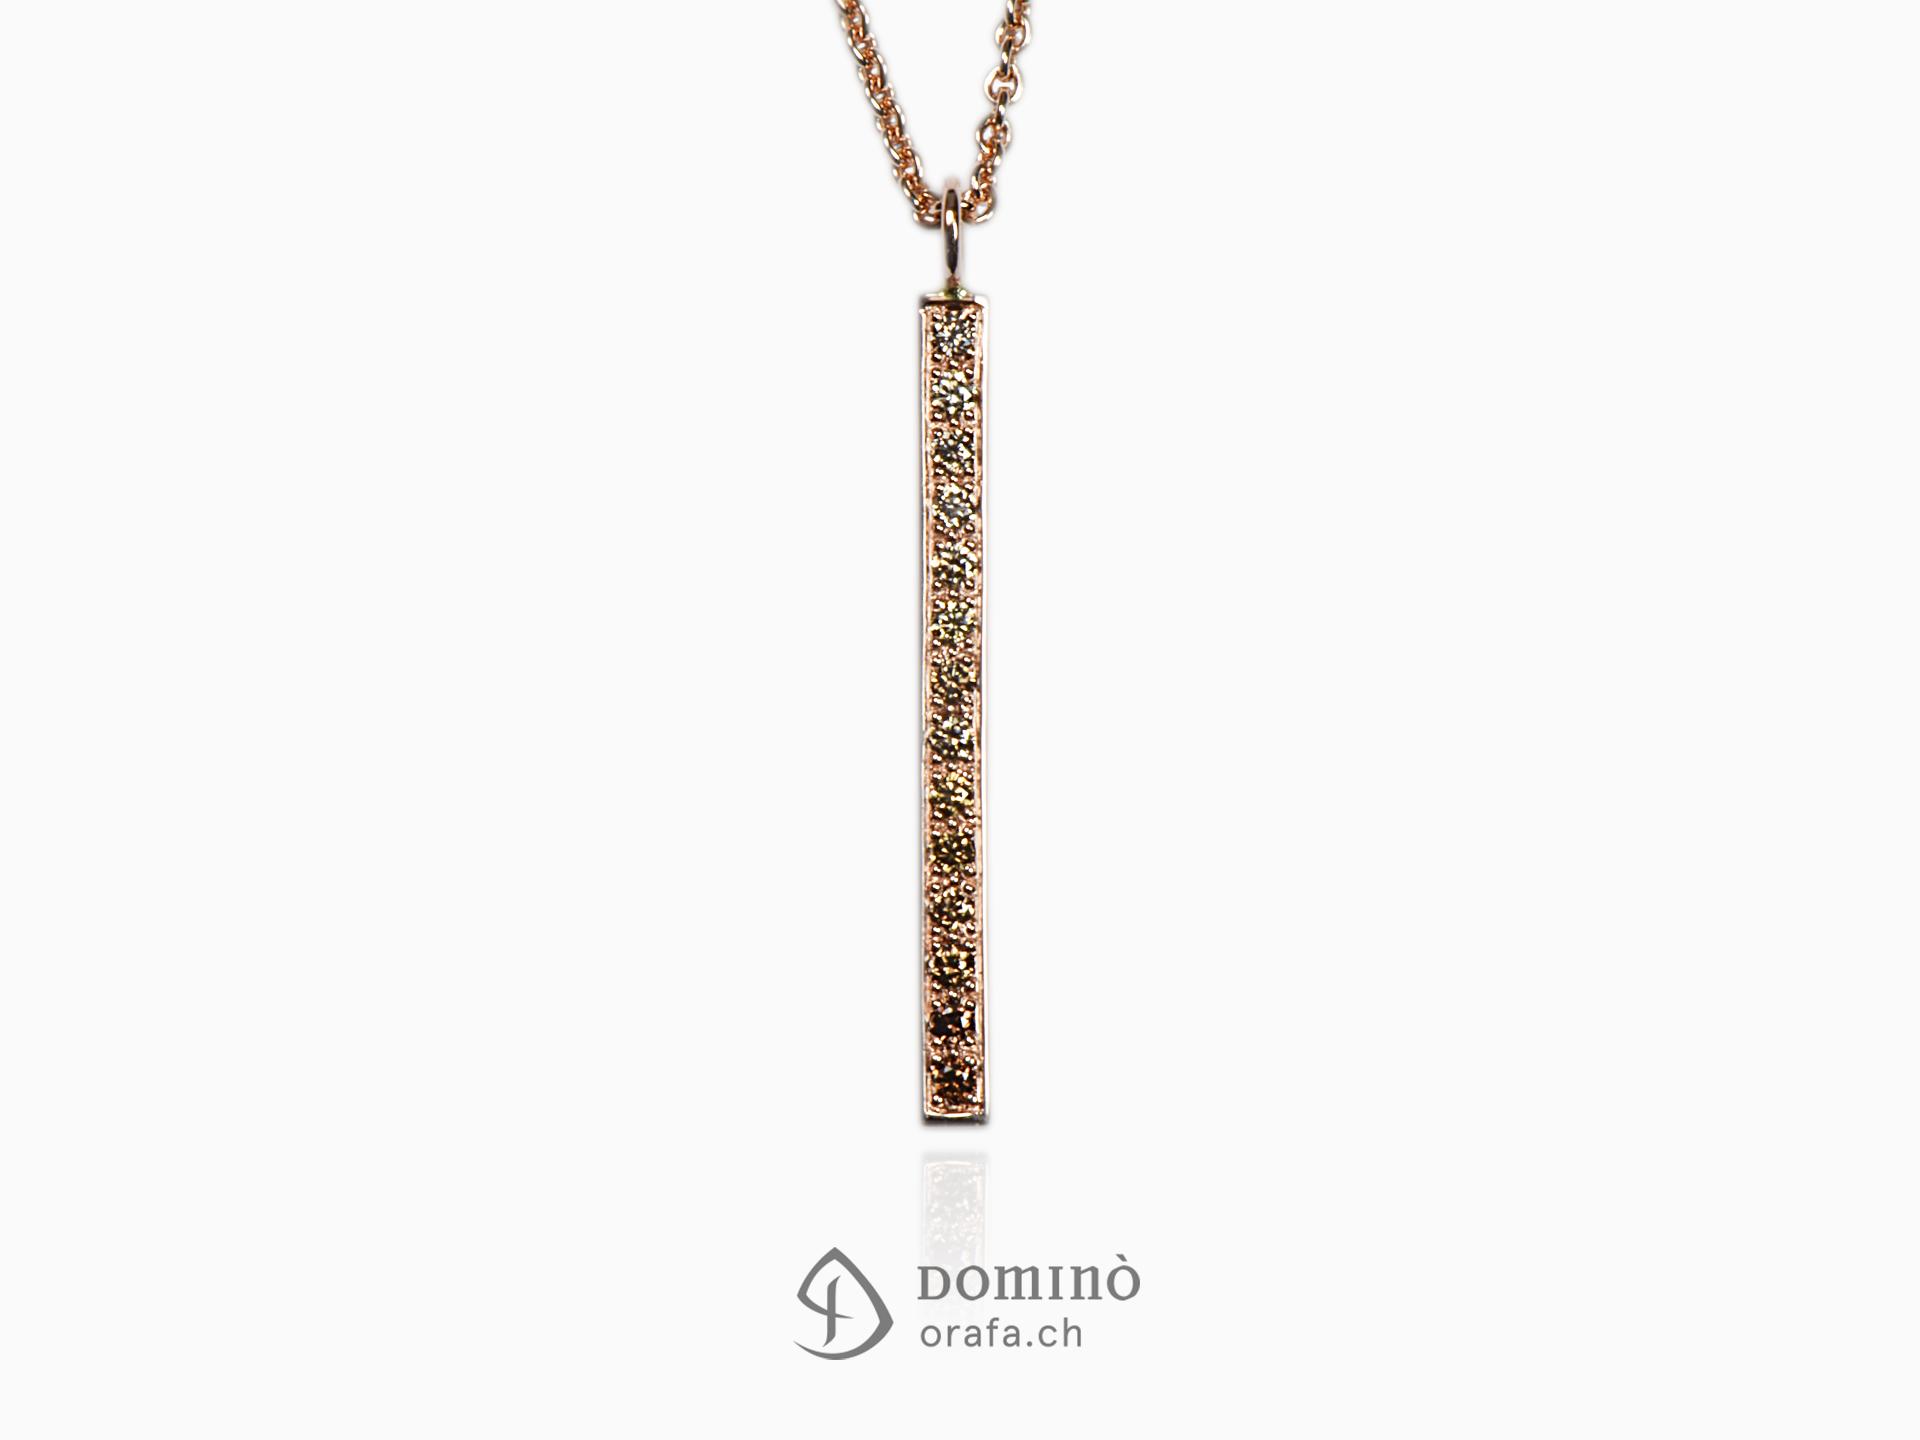 ciondolo-sfumatura-diamanti-brown-lineare-medio-oro-rosso